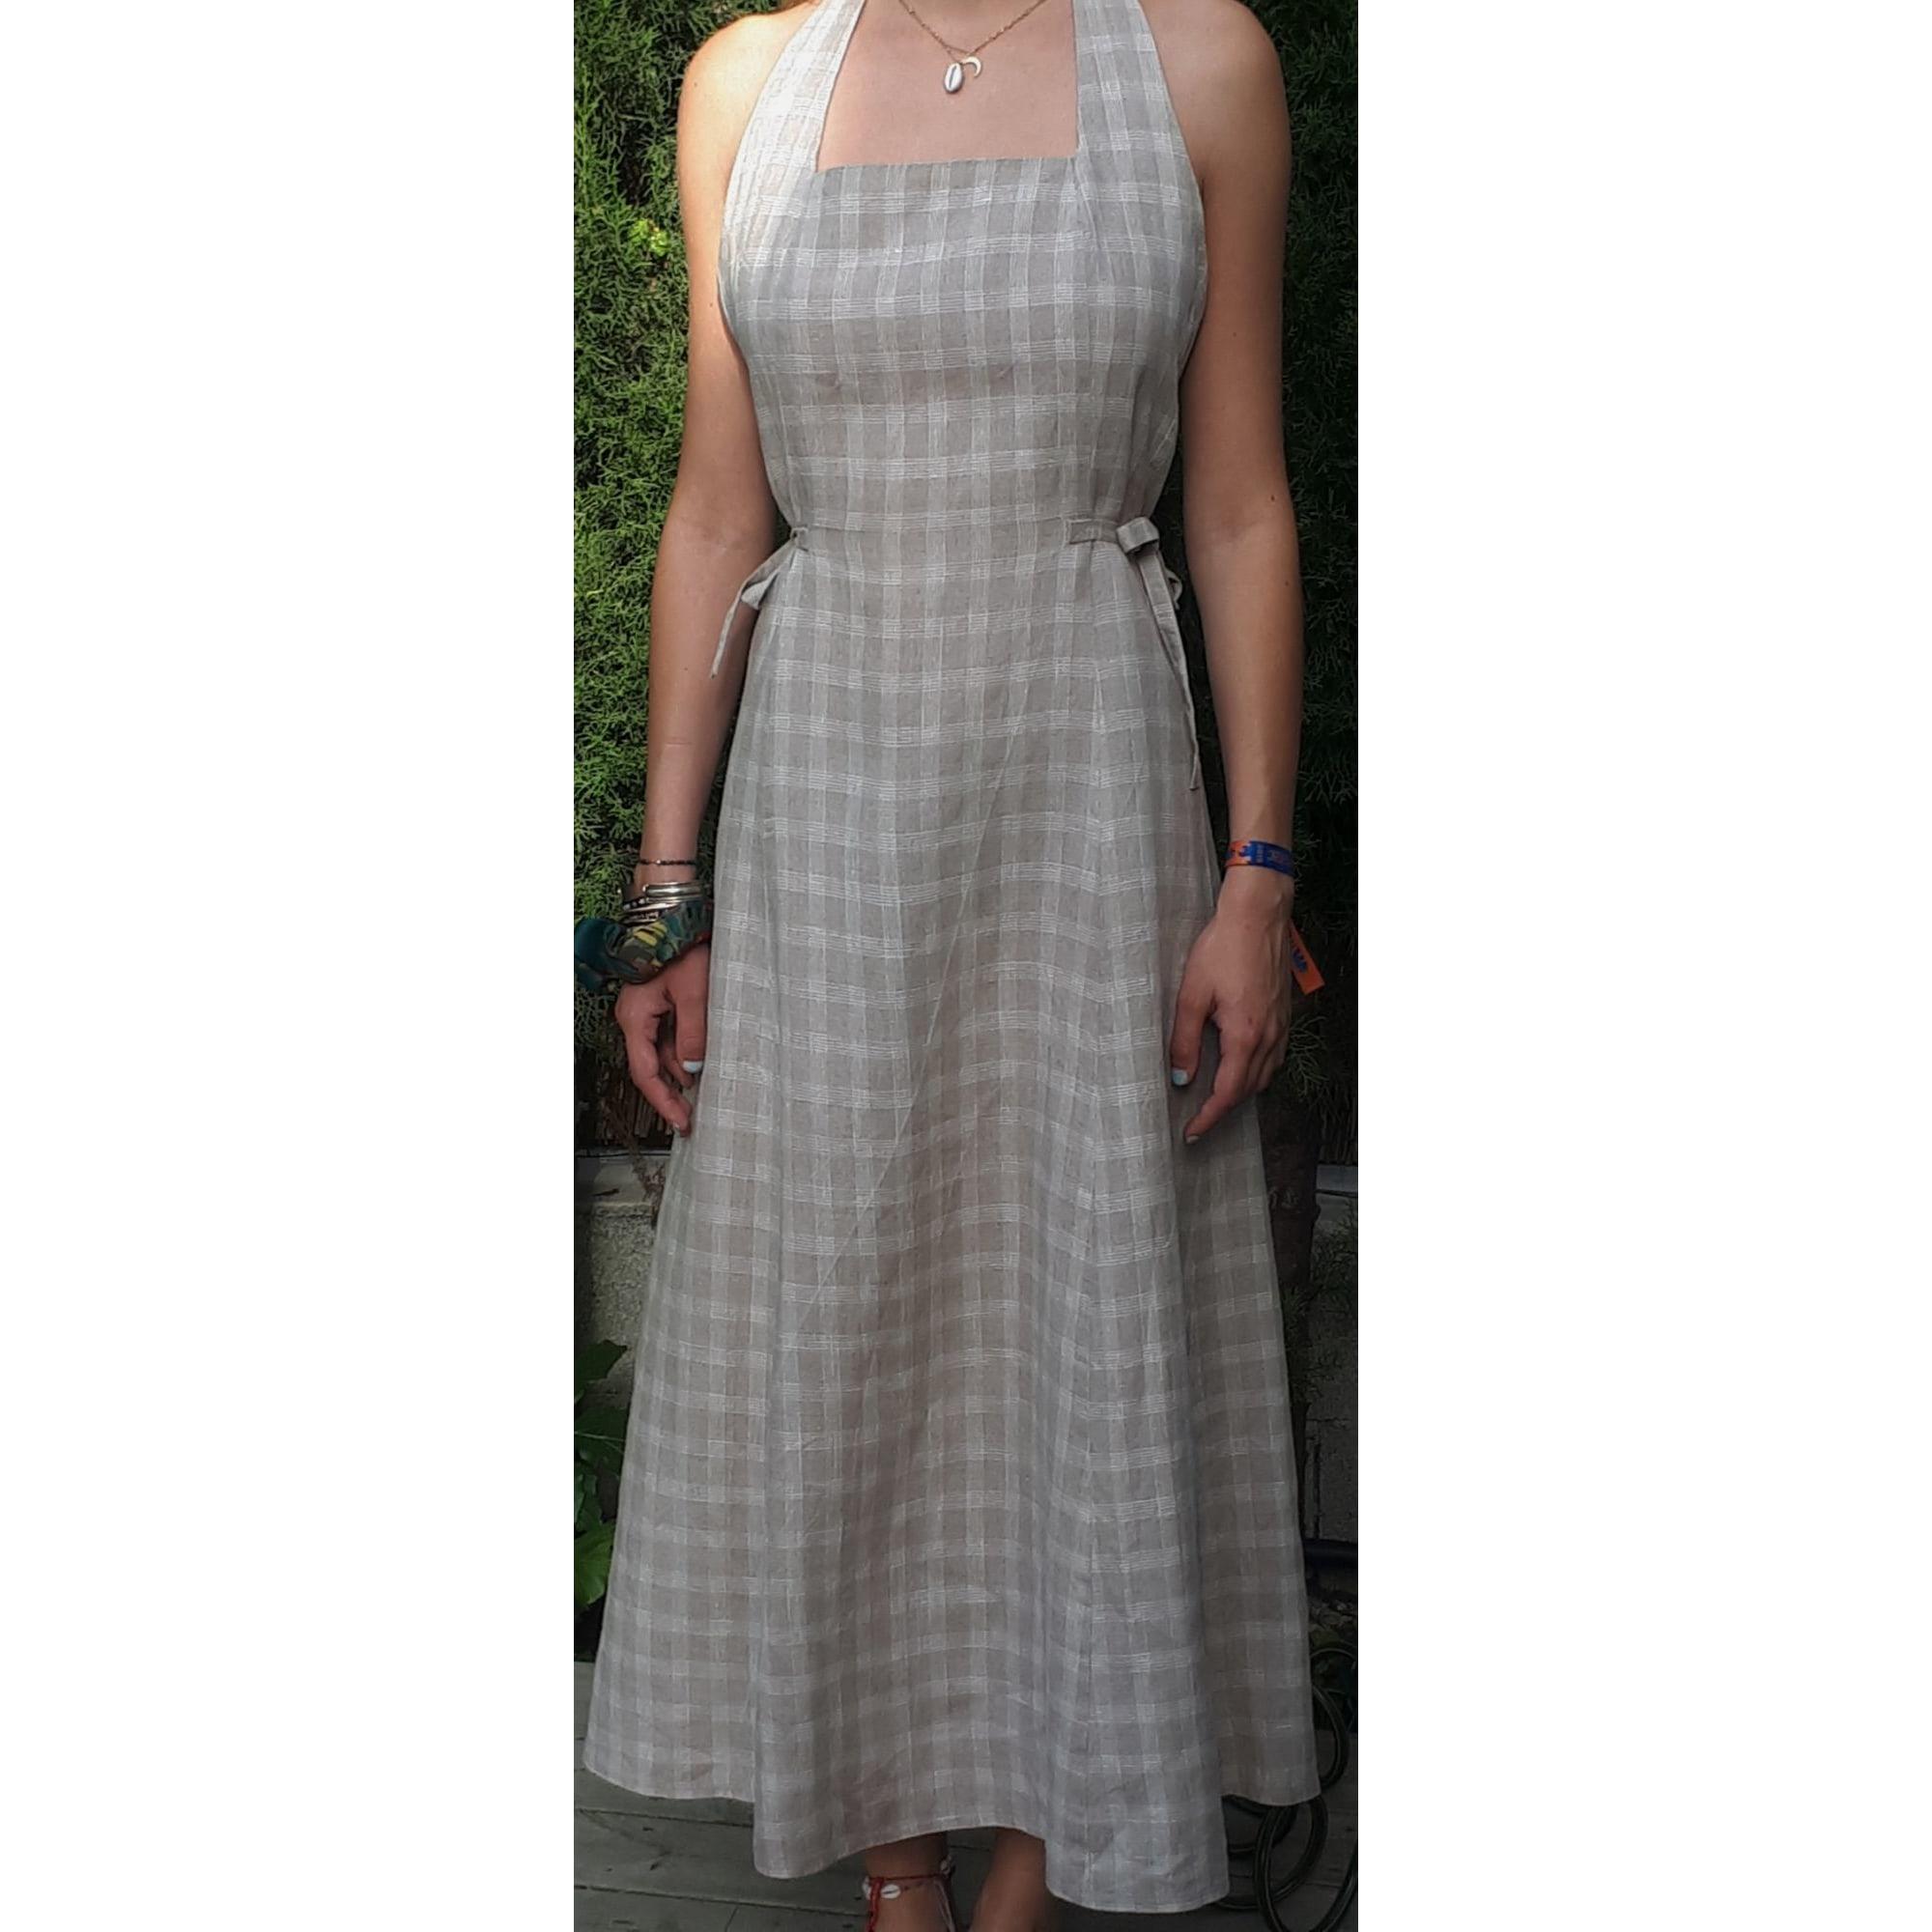 Robe longue PABLO PAR GÉRARD DAREL BEIGE / BLANC